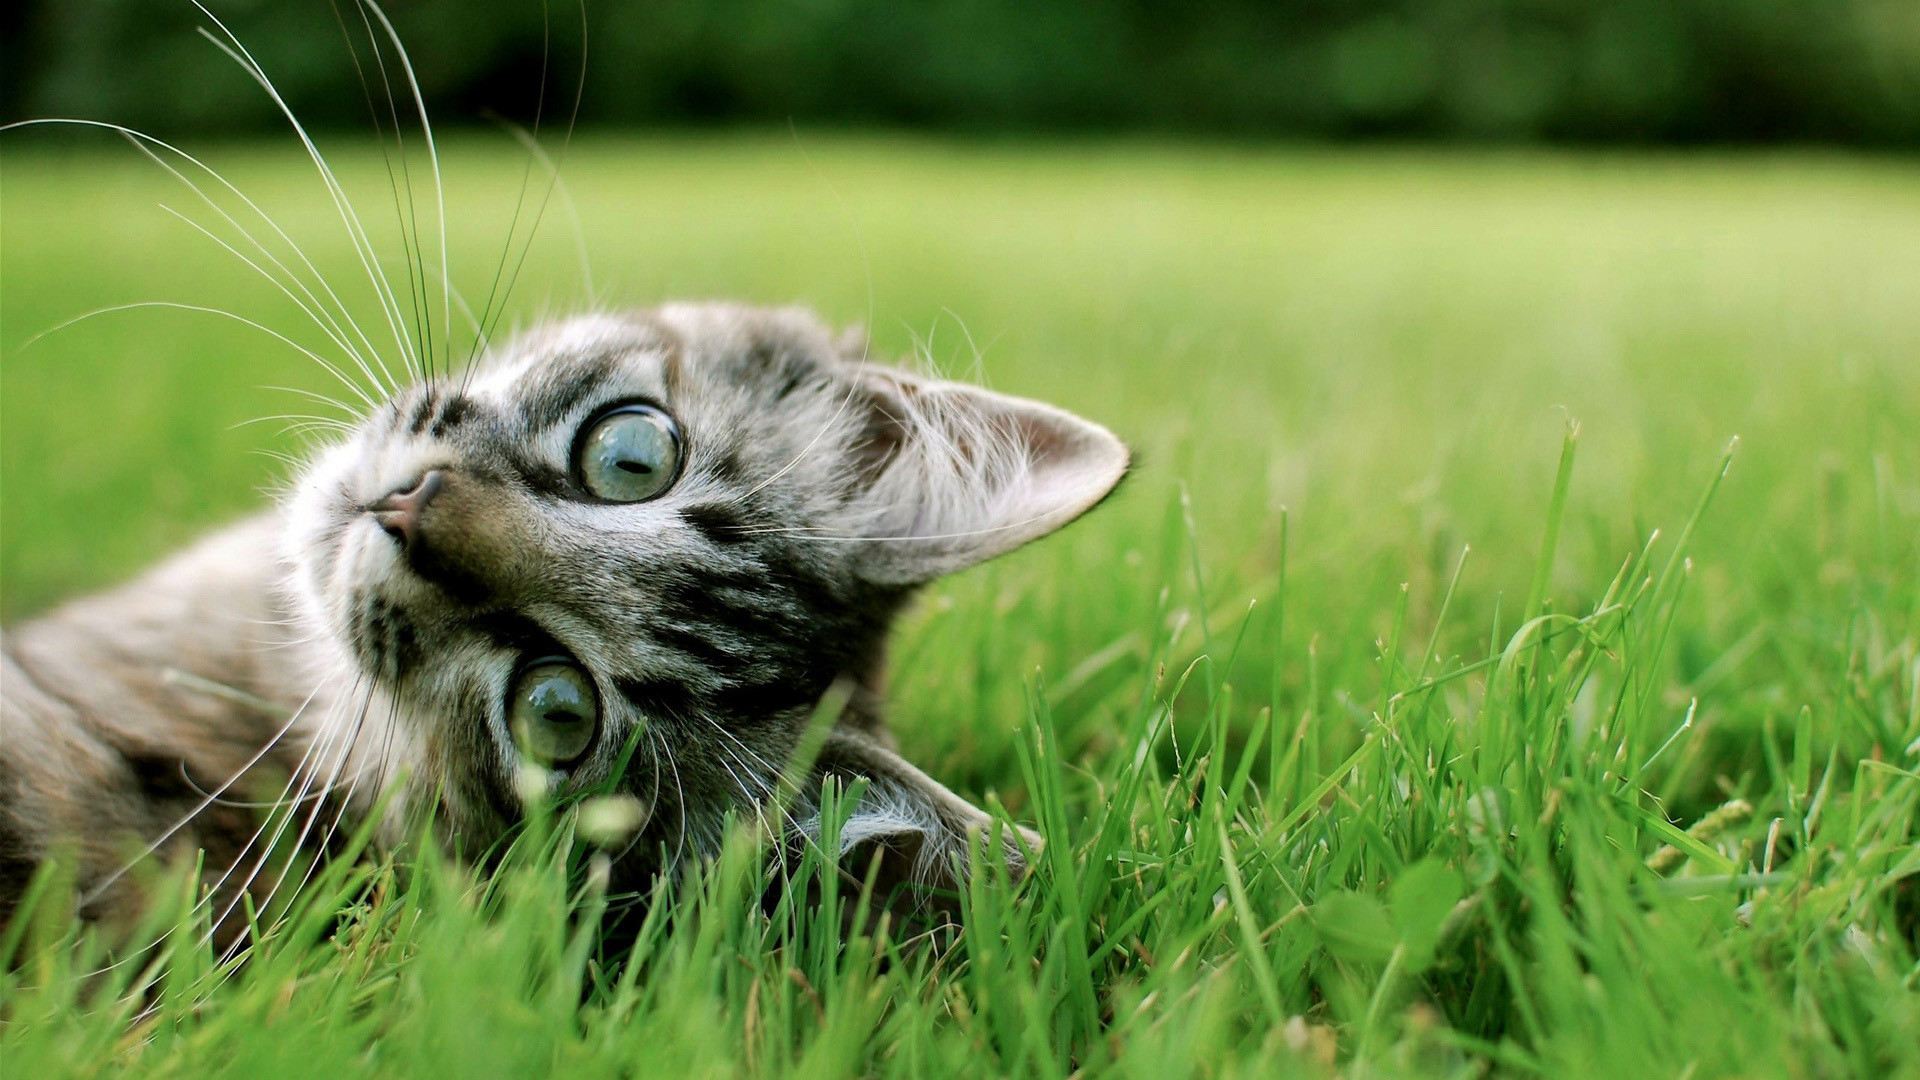 Cute black and white kitten Wallpaper